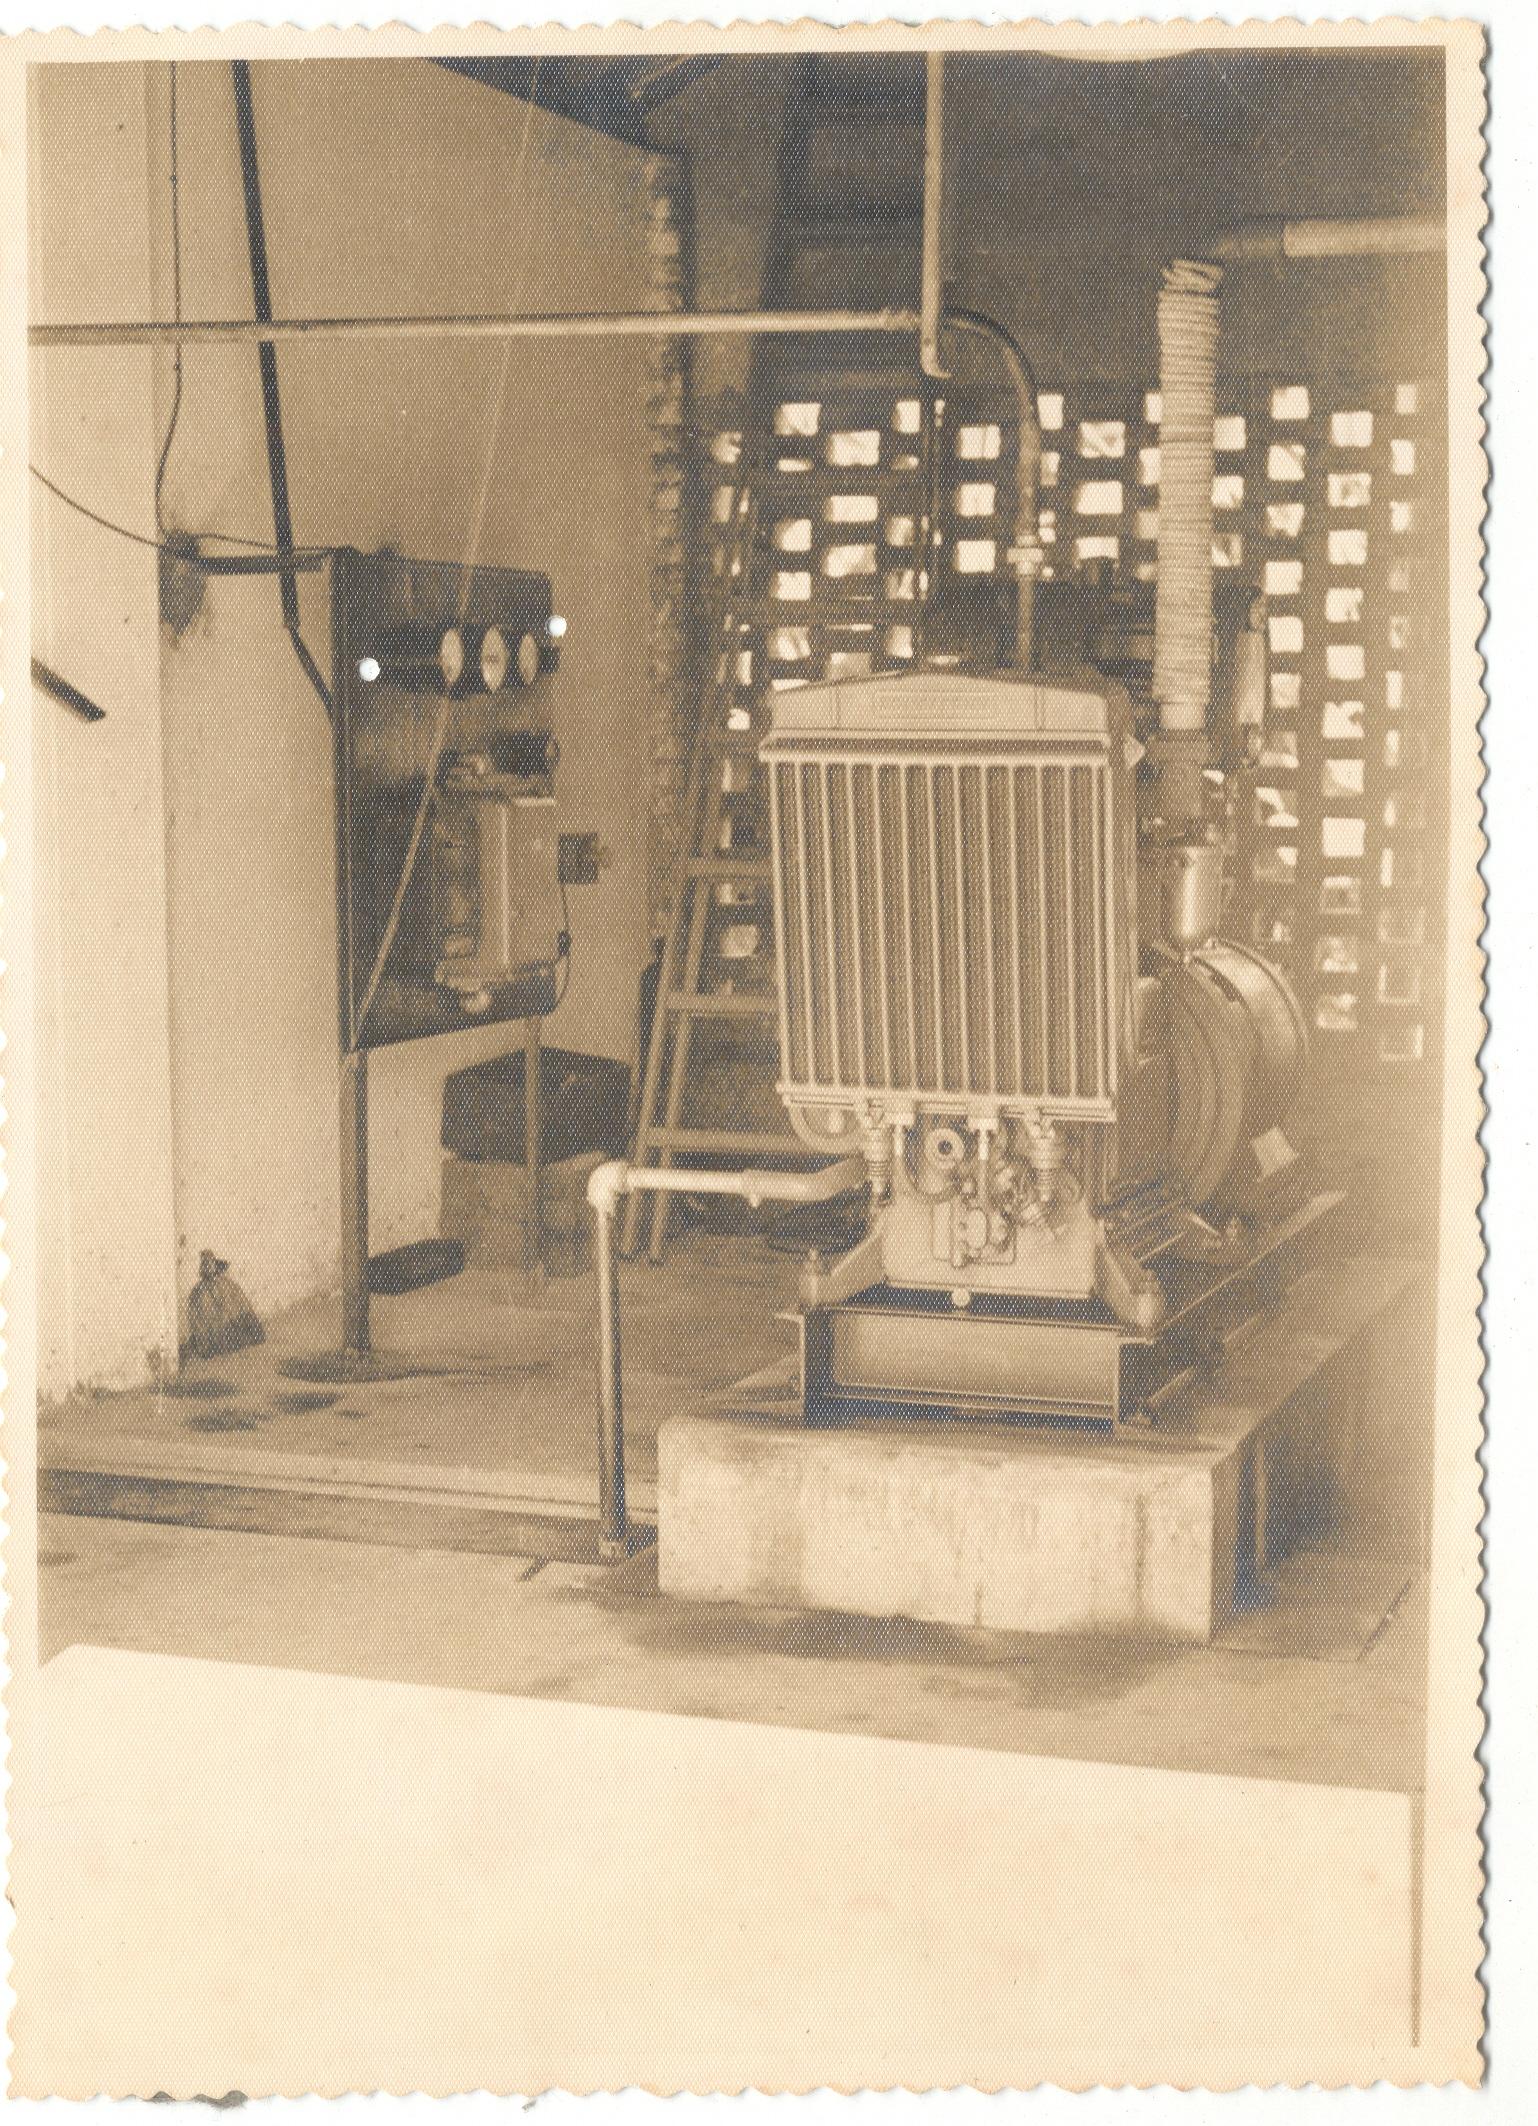 foto042-laticinio grupo diesel23